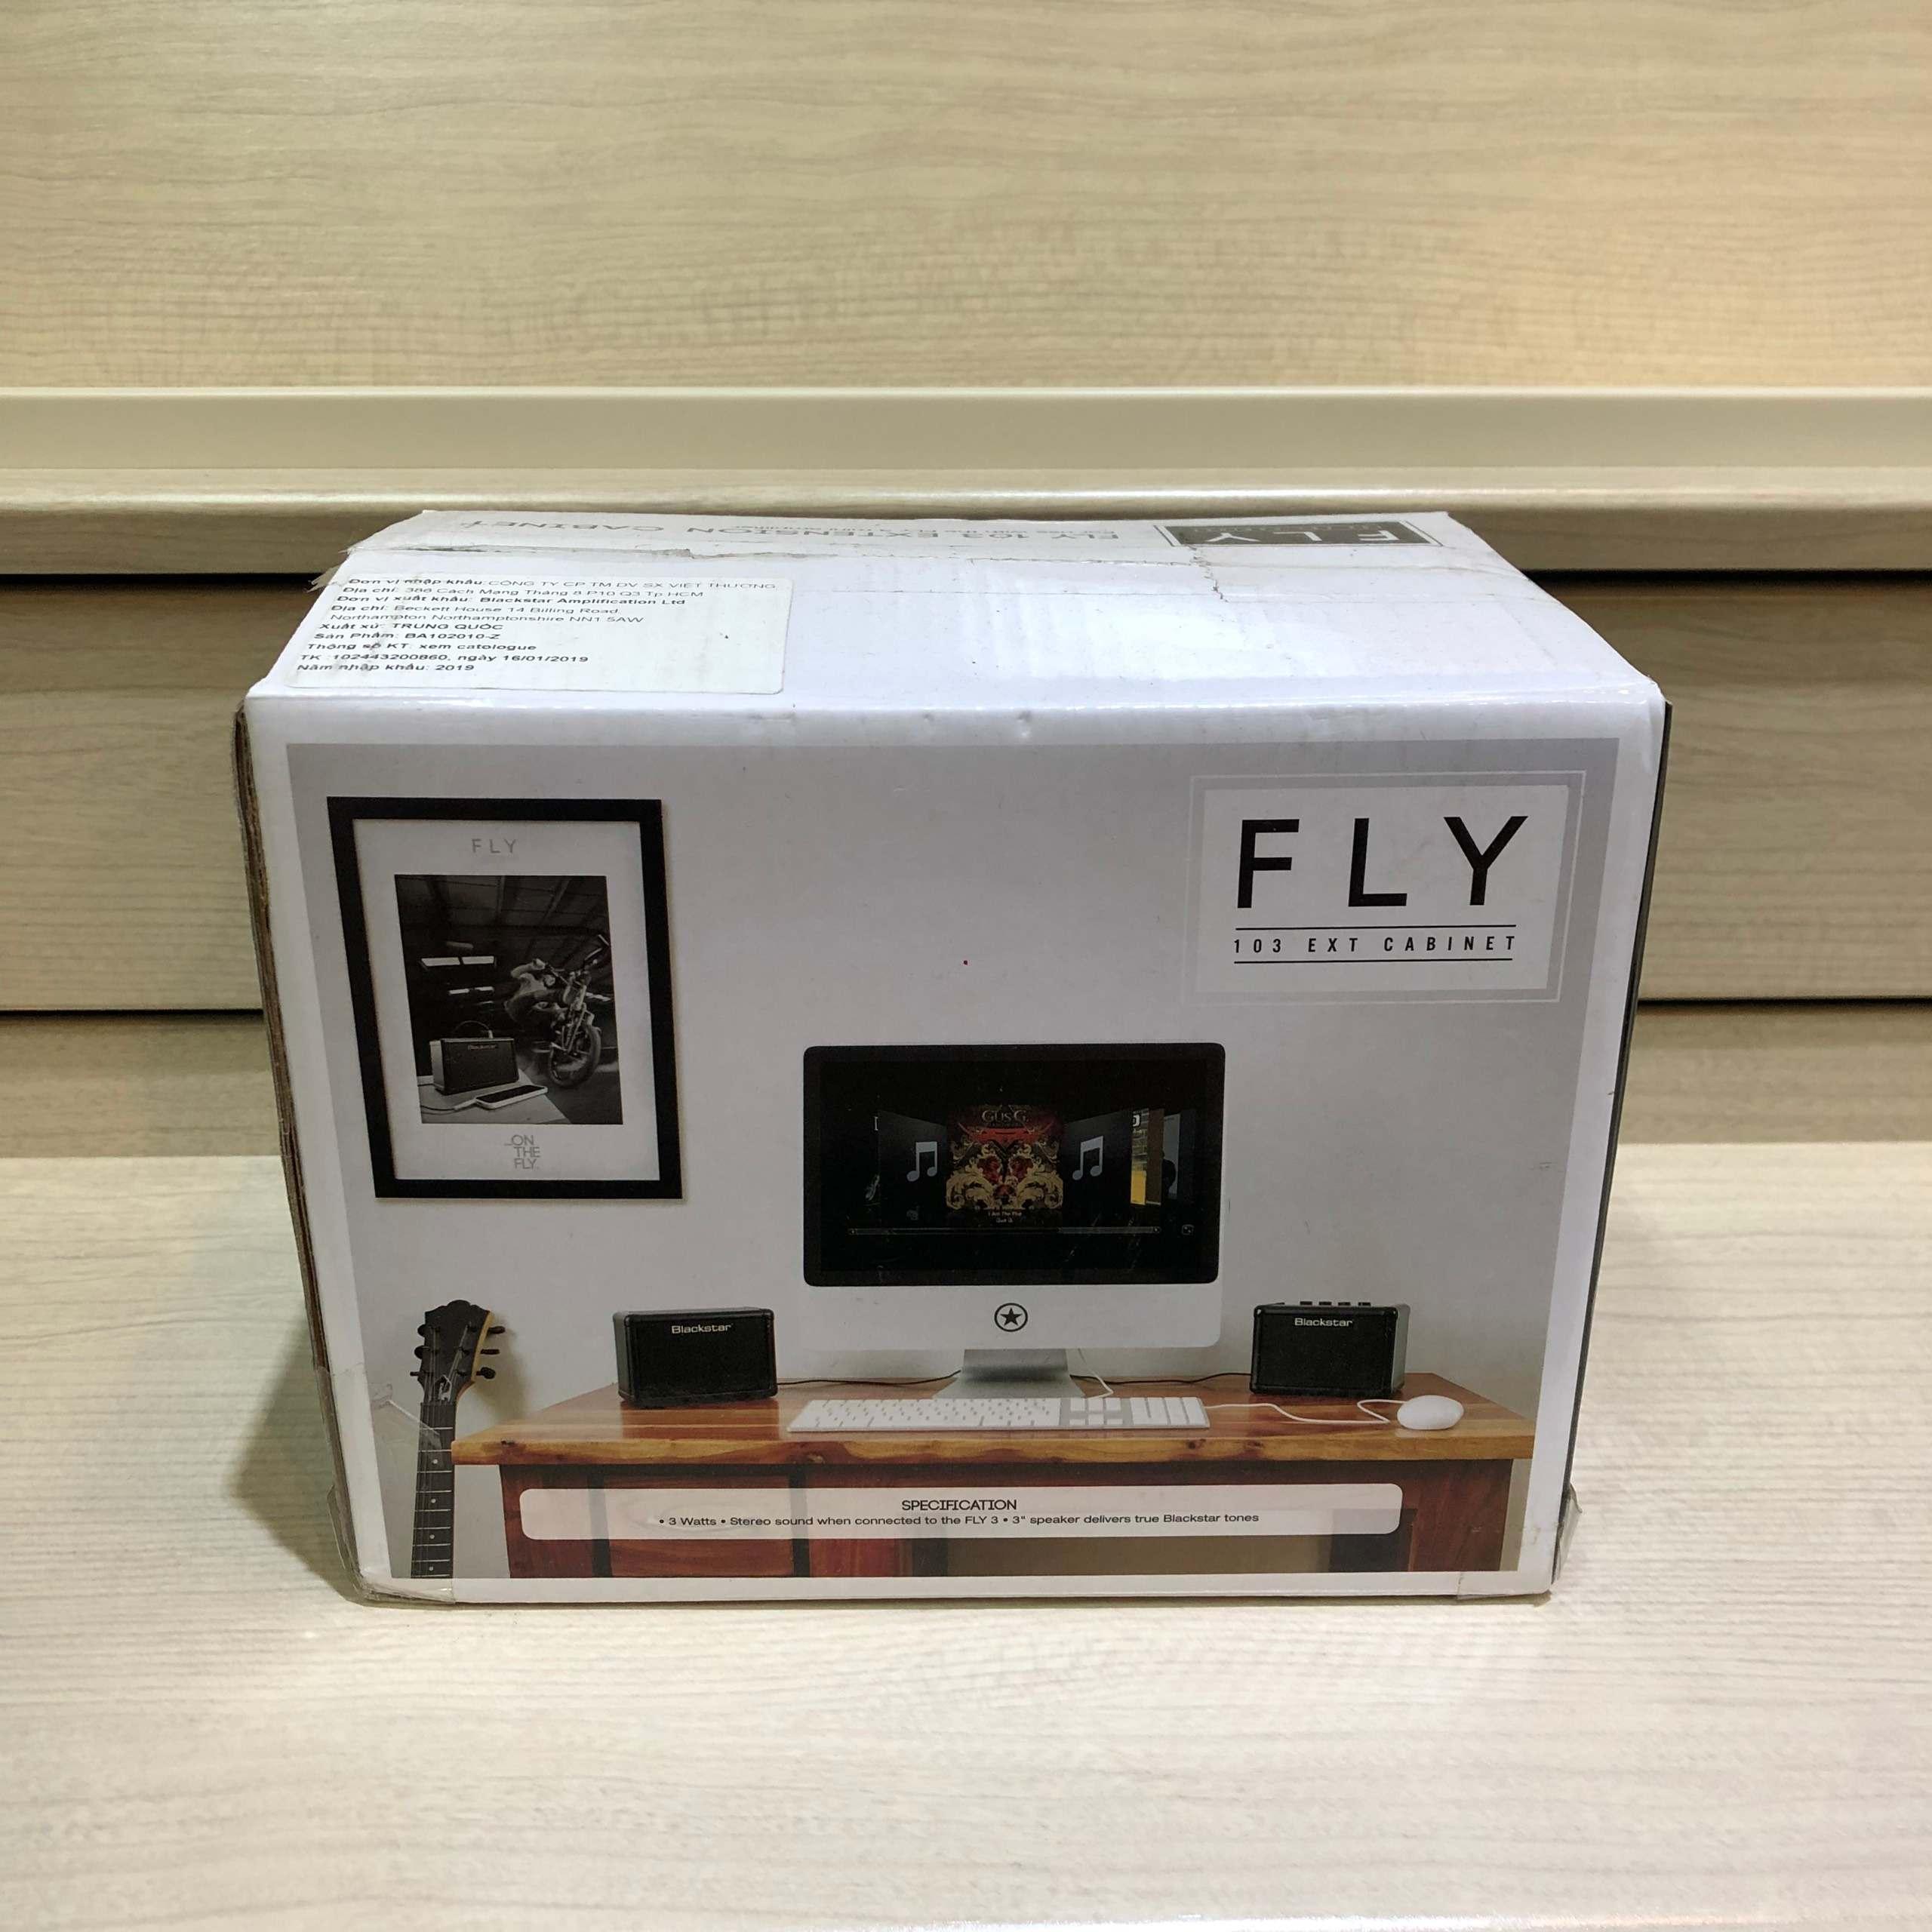 FLY 103